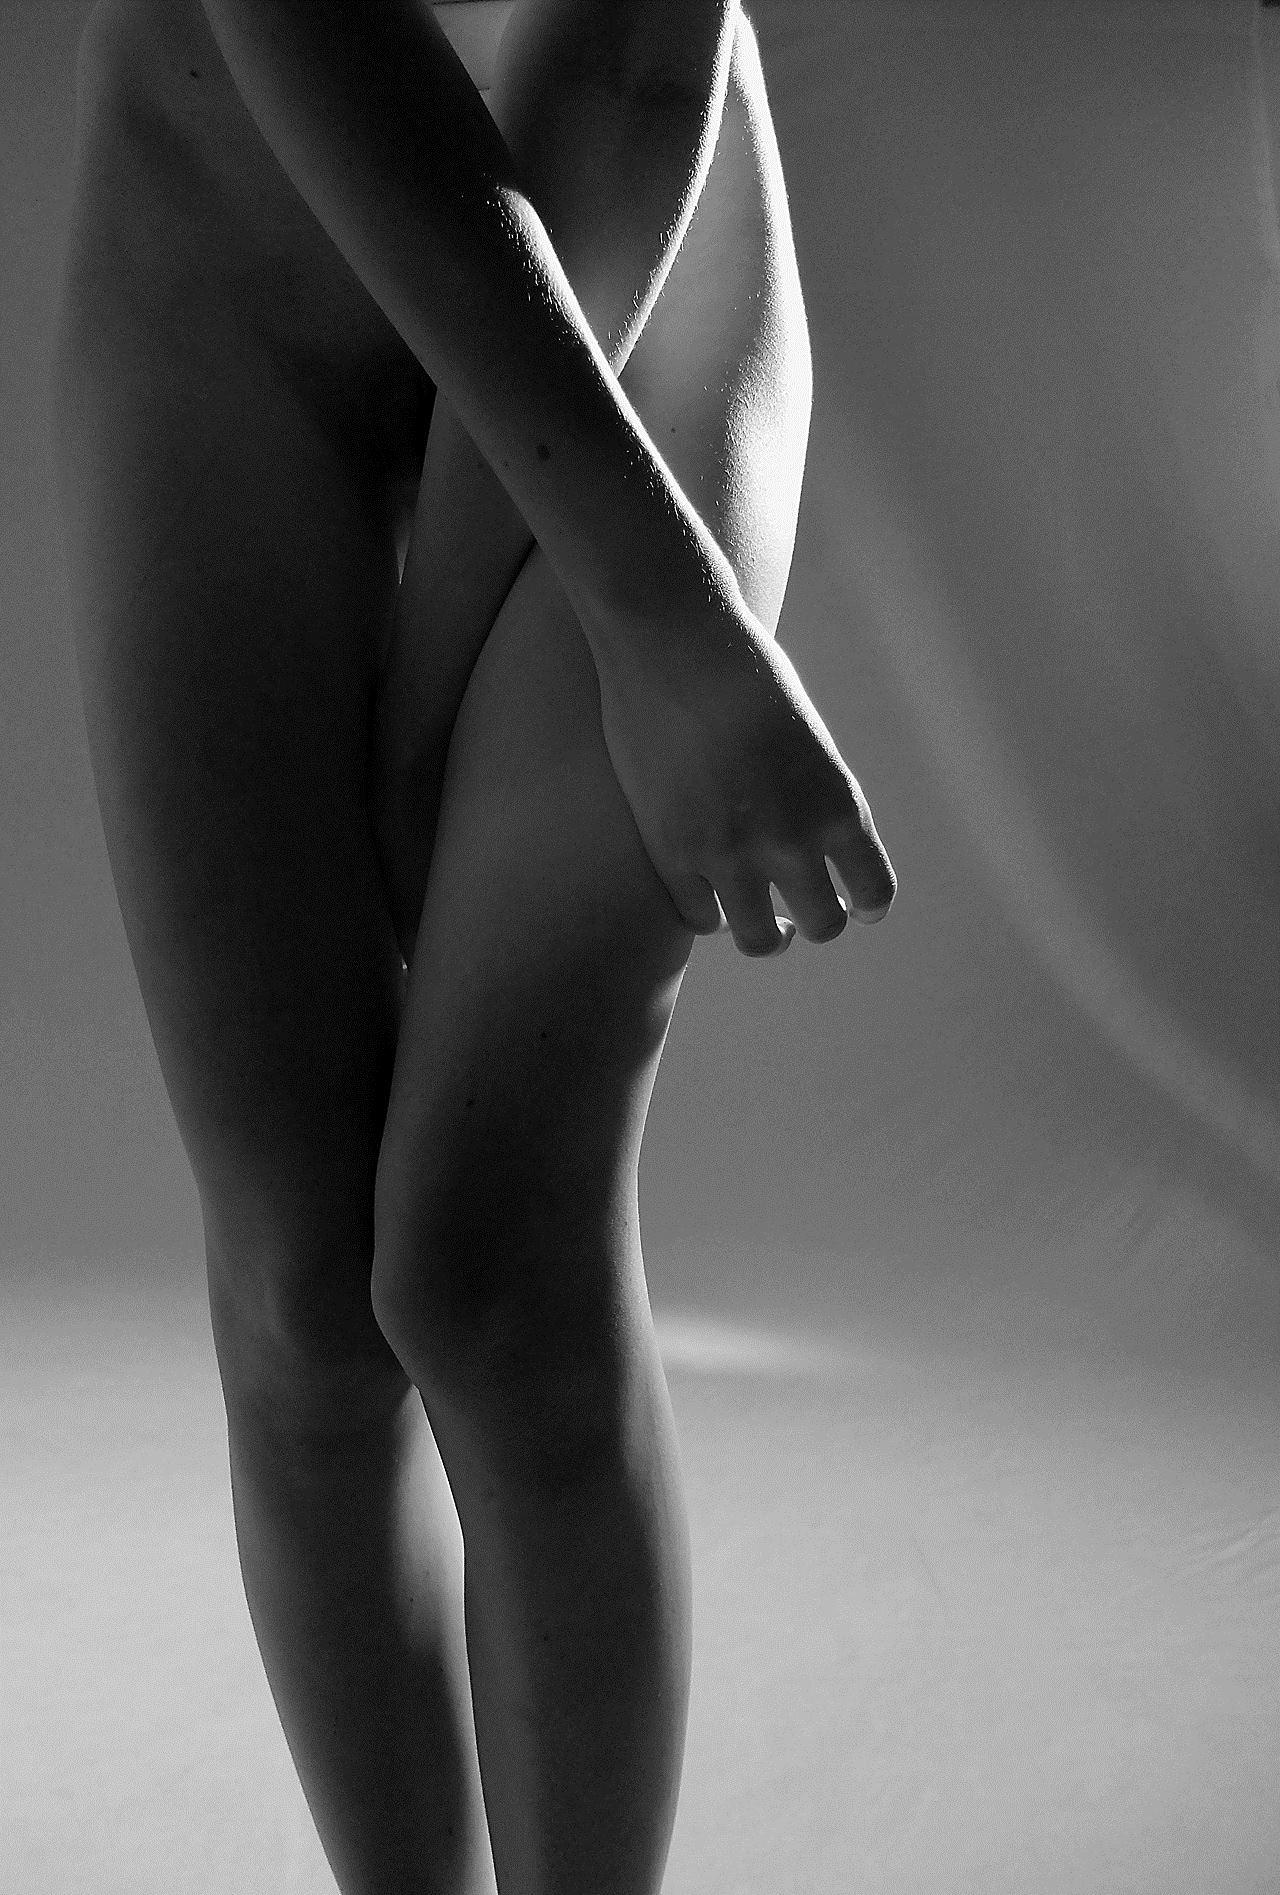 【外人】女の感情を表現しているアート系ヌードポルノ画像 20157